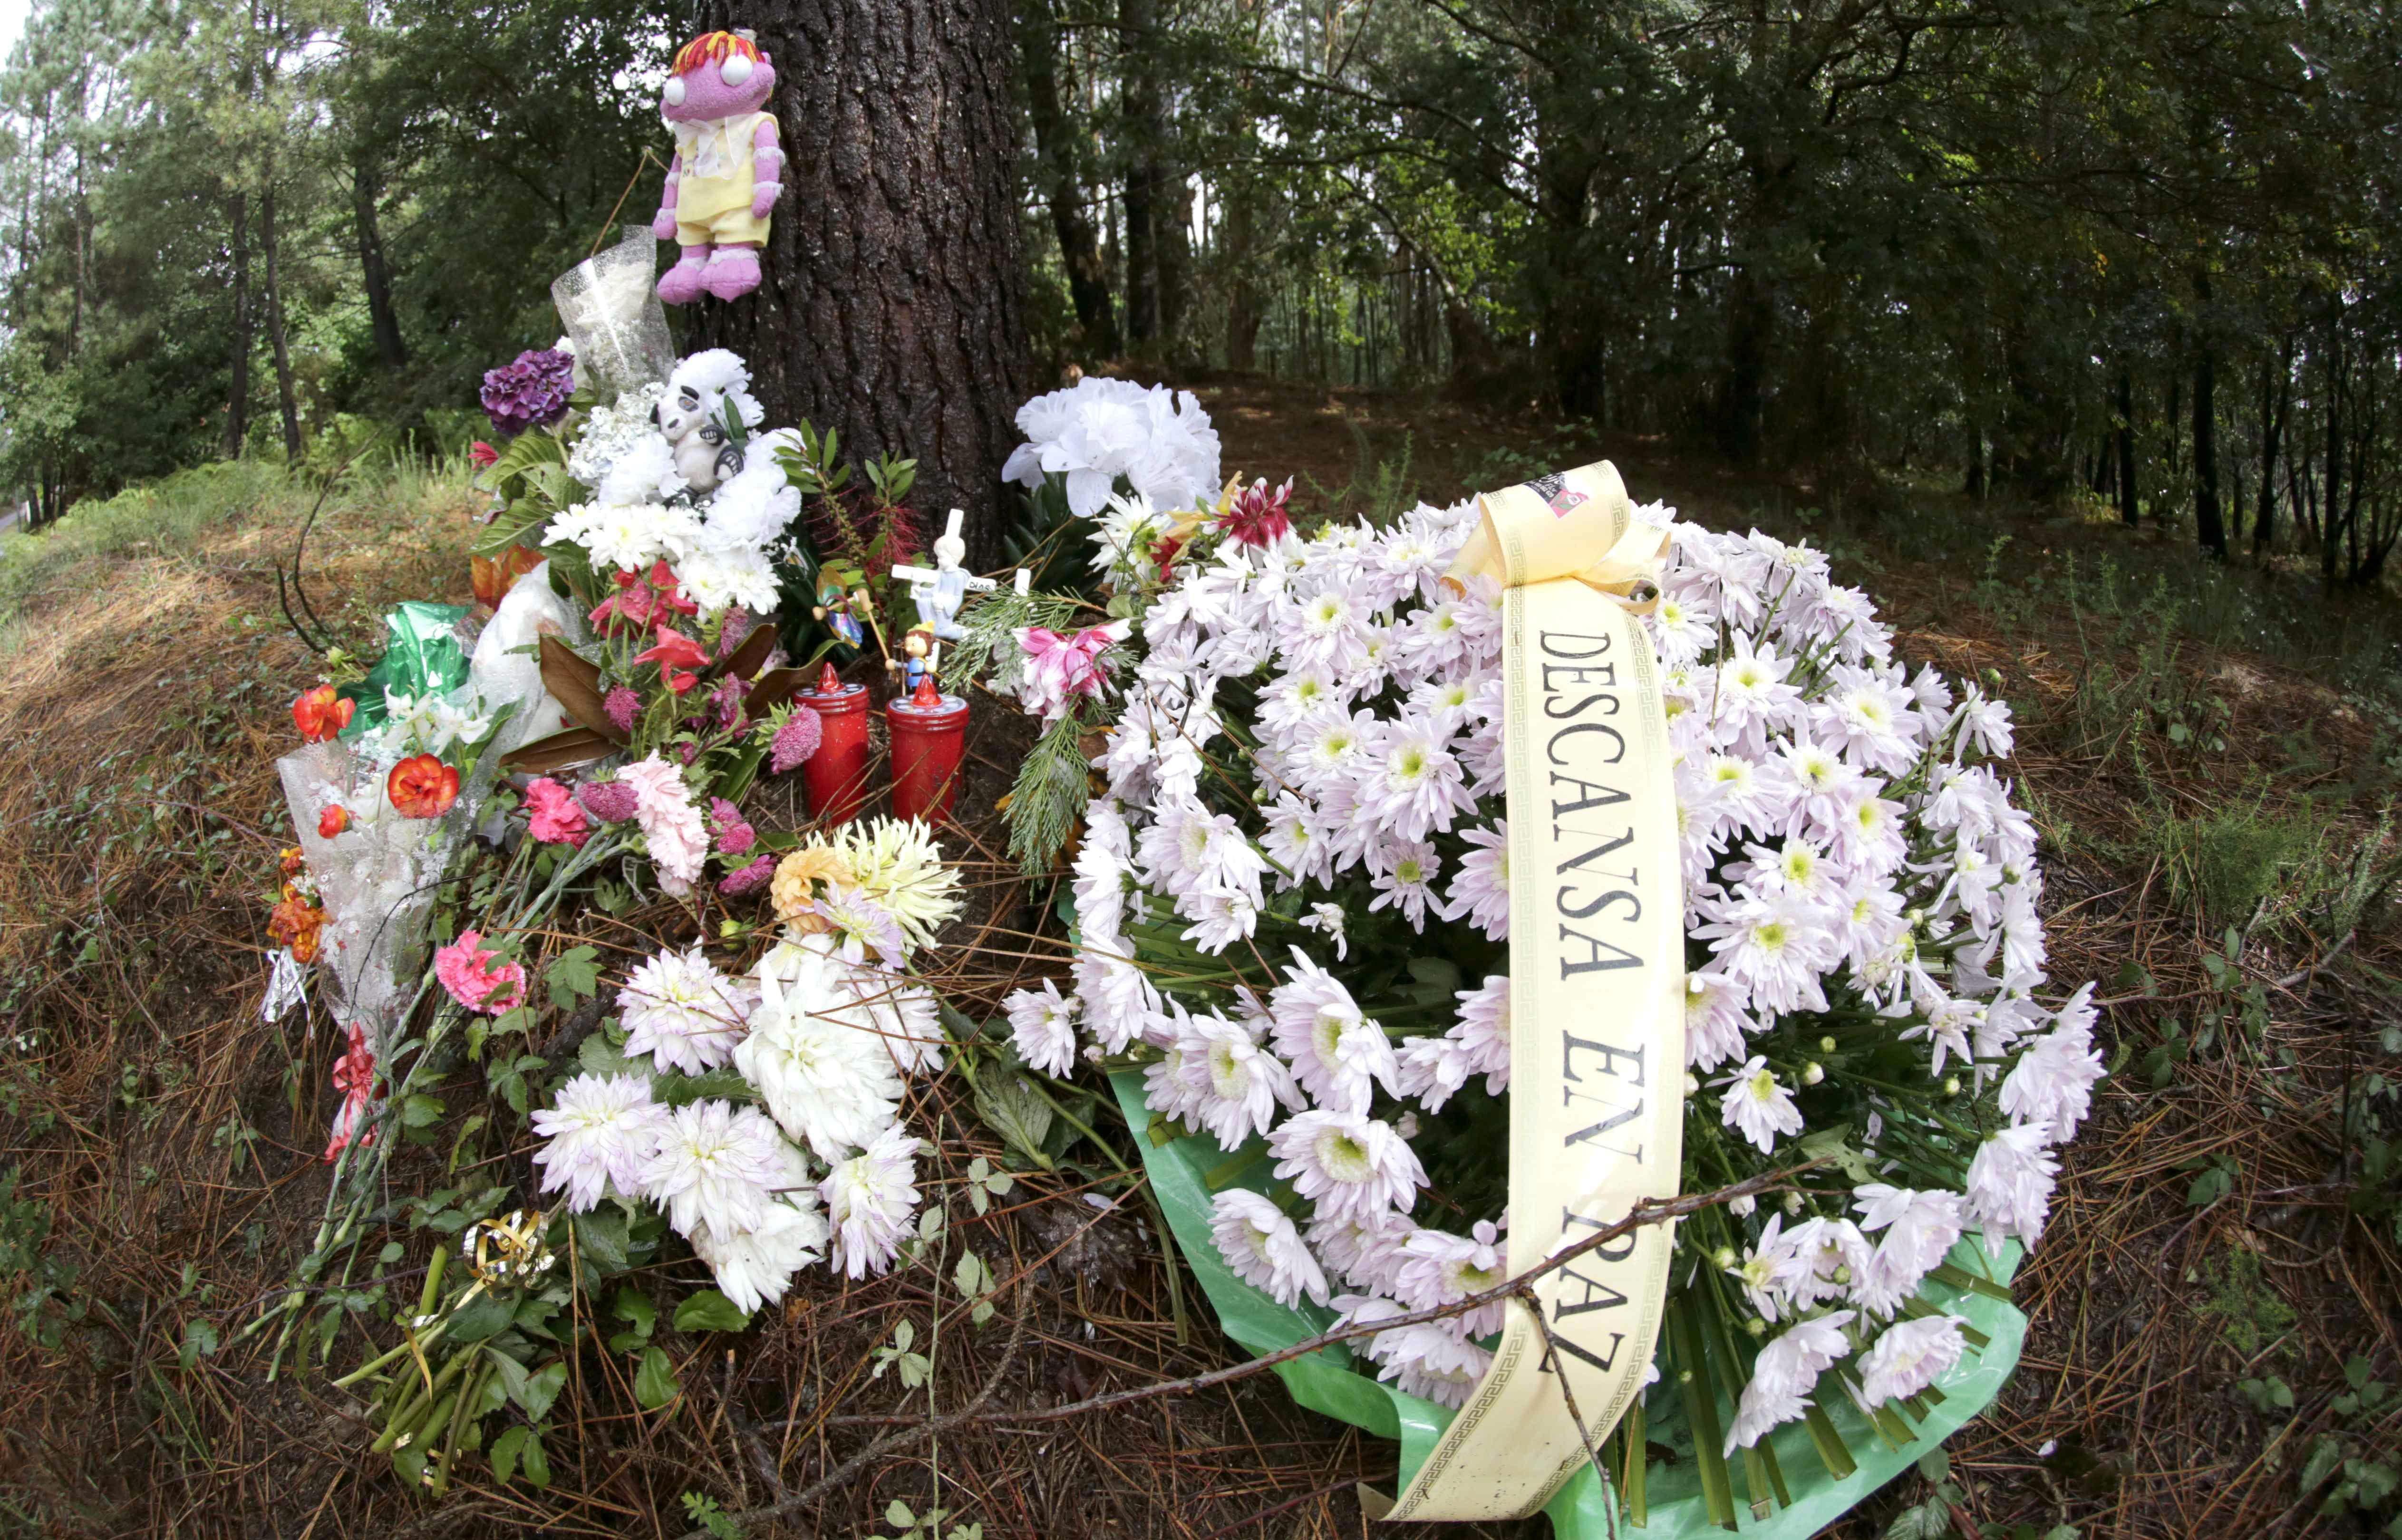 La investigación cree que entre las 20.50 y las 22.31 se pudo abandonar el cuerpo de Asunta